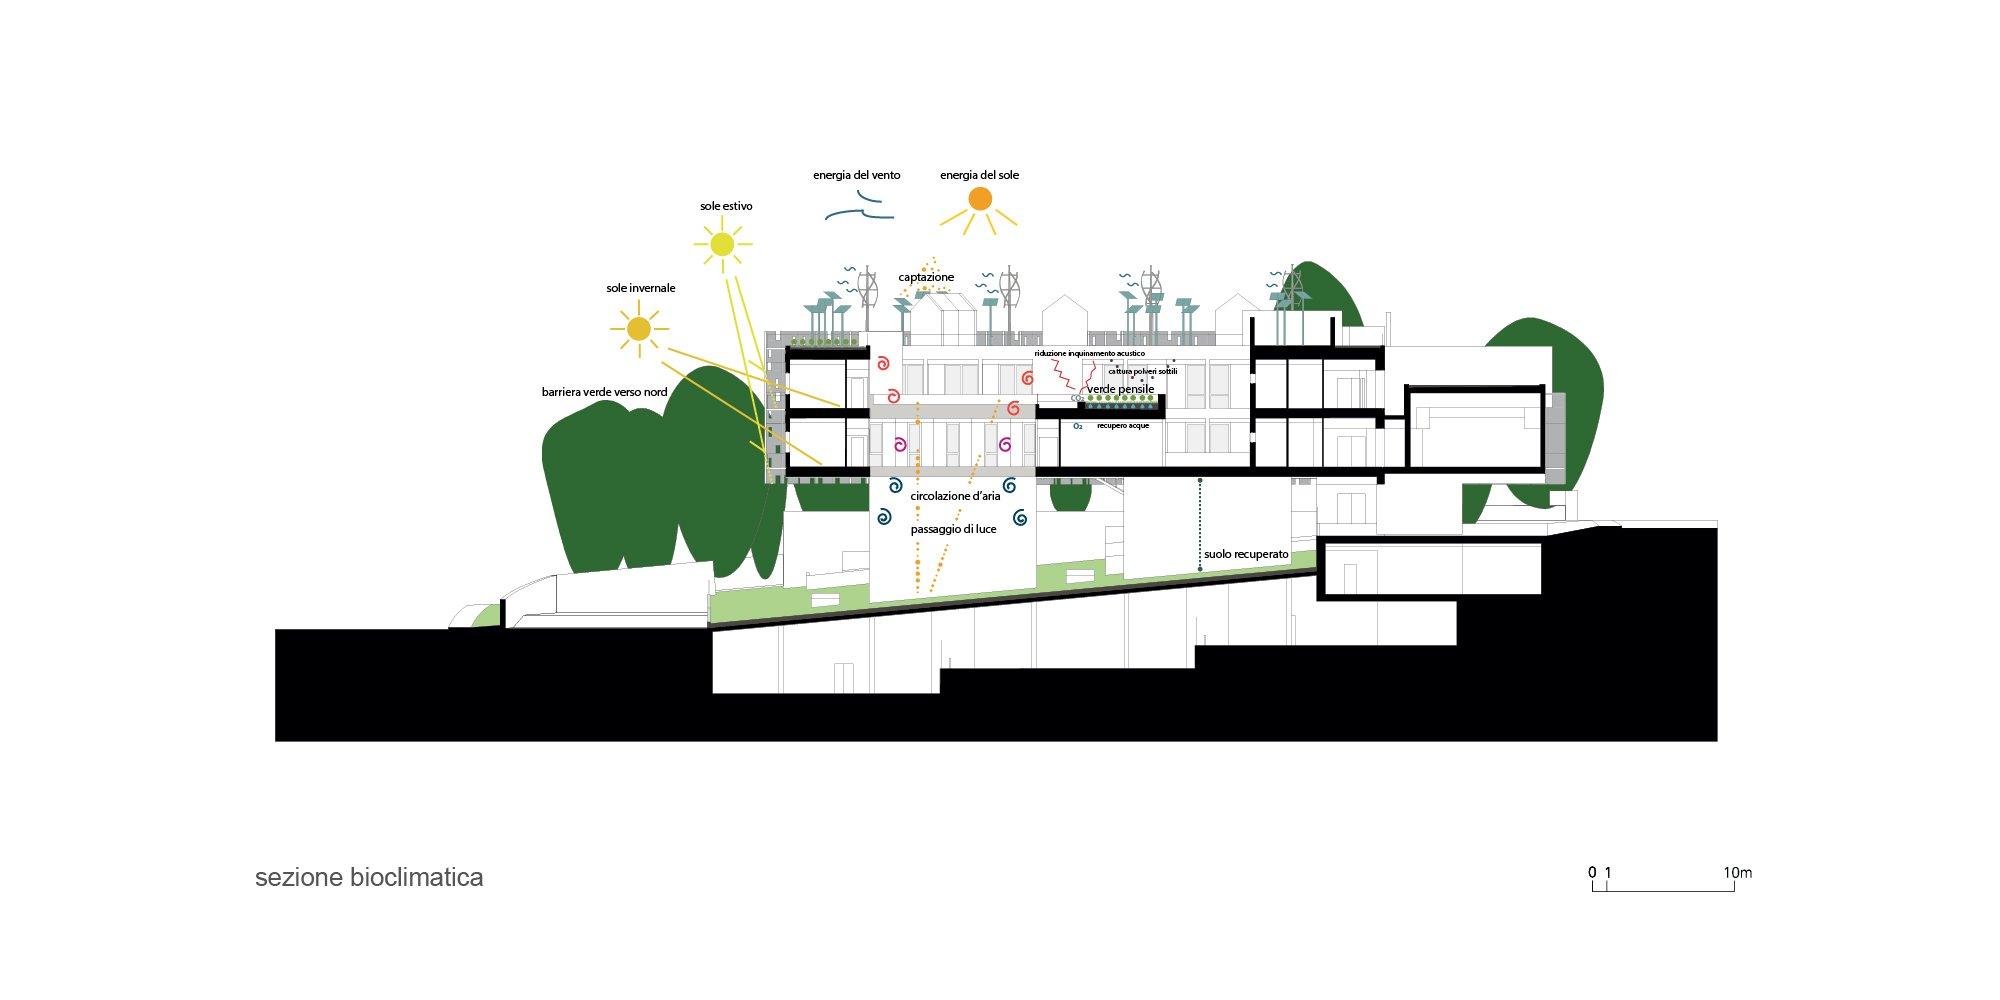 sezione bioclimatica }